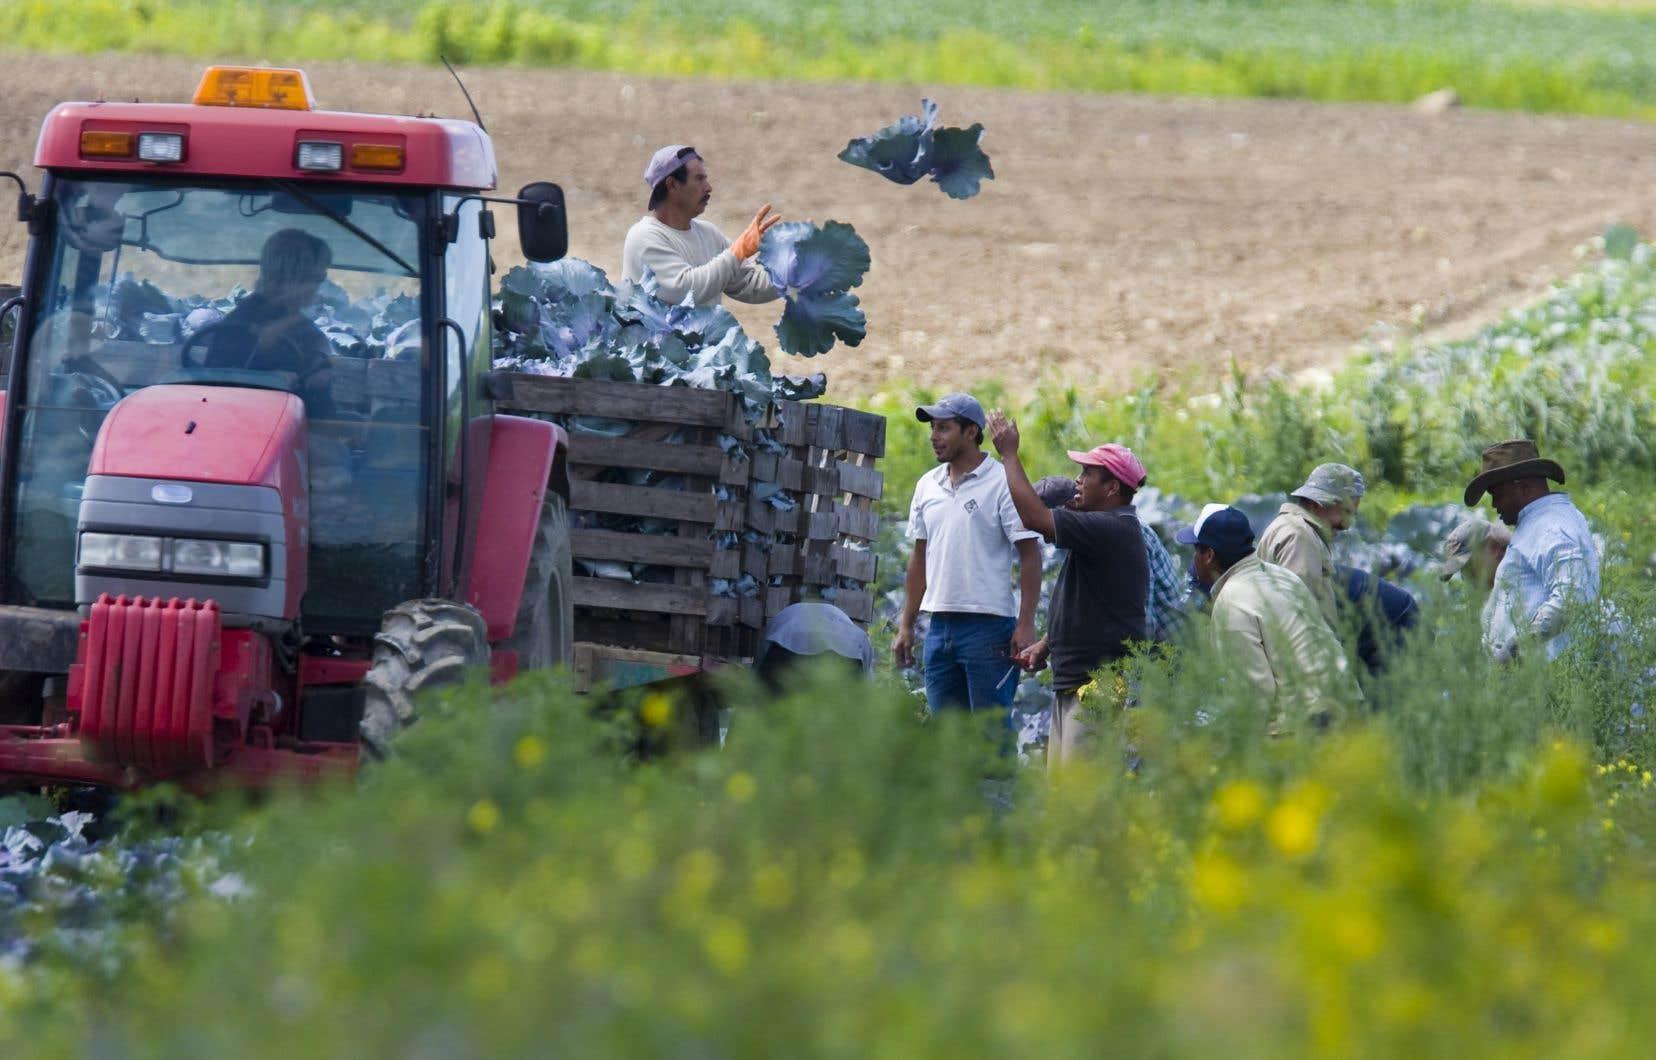 Selon le juge, il est «urgent et impératif» que l'État mette sur pied une organisation pour permettre aux travailleurs saisonniers de connaître leurs droits et obligations.